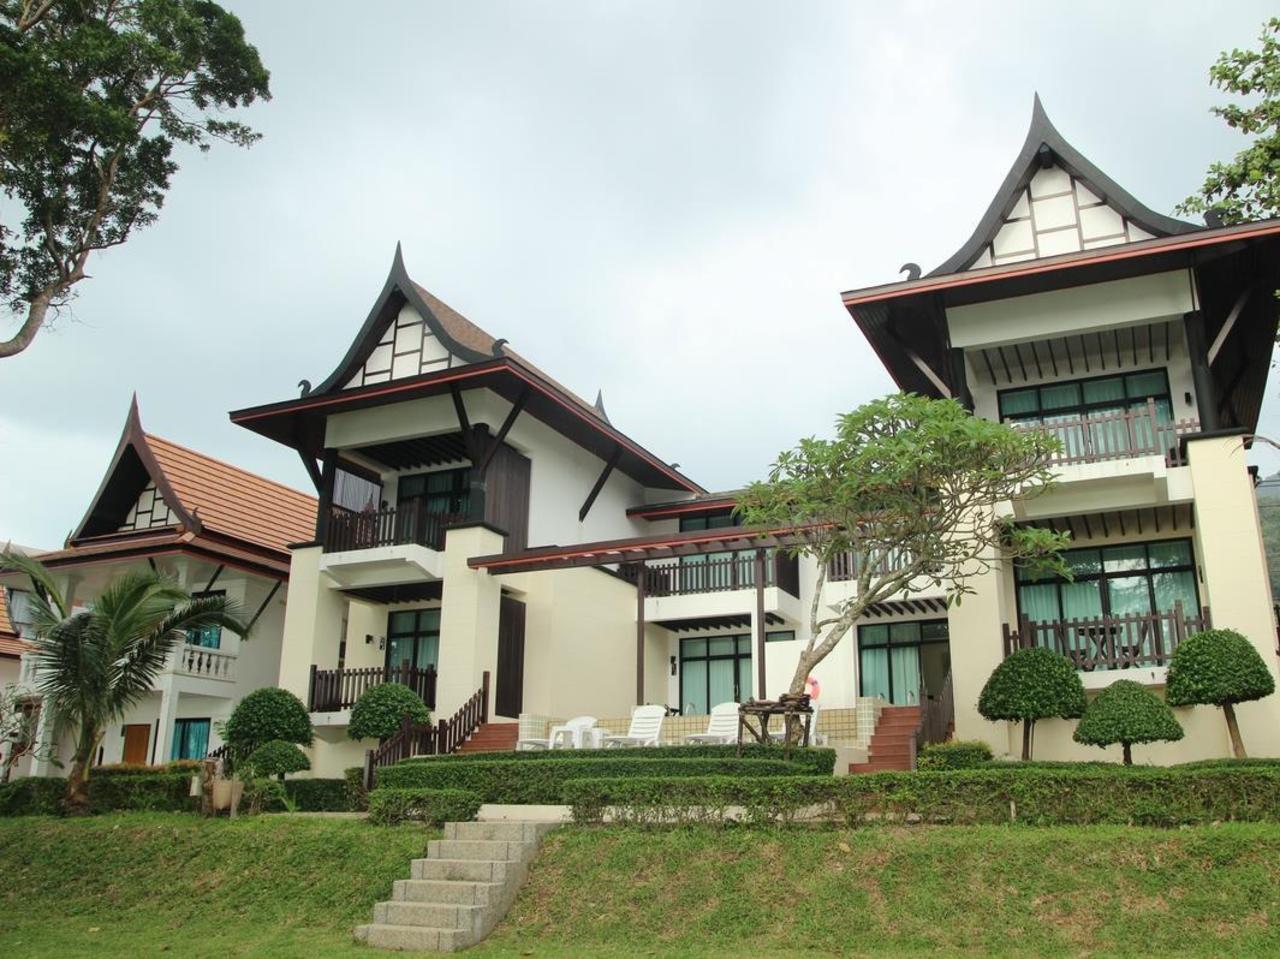 เกาะช้าง แกรนด์ วิว รีสอร์ท (Koh Chang Grand View Resort)